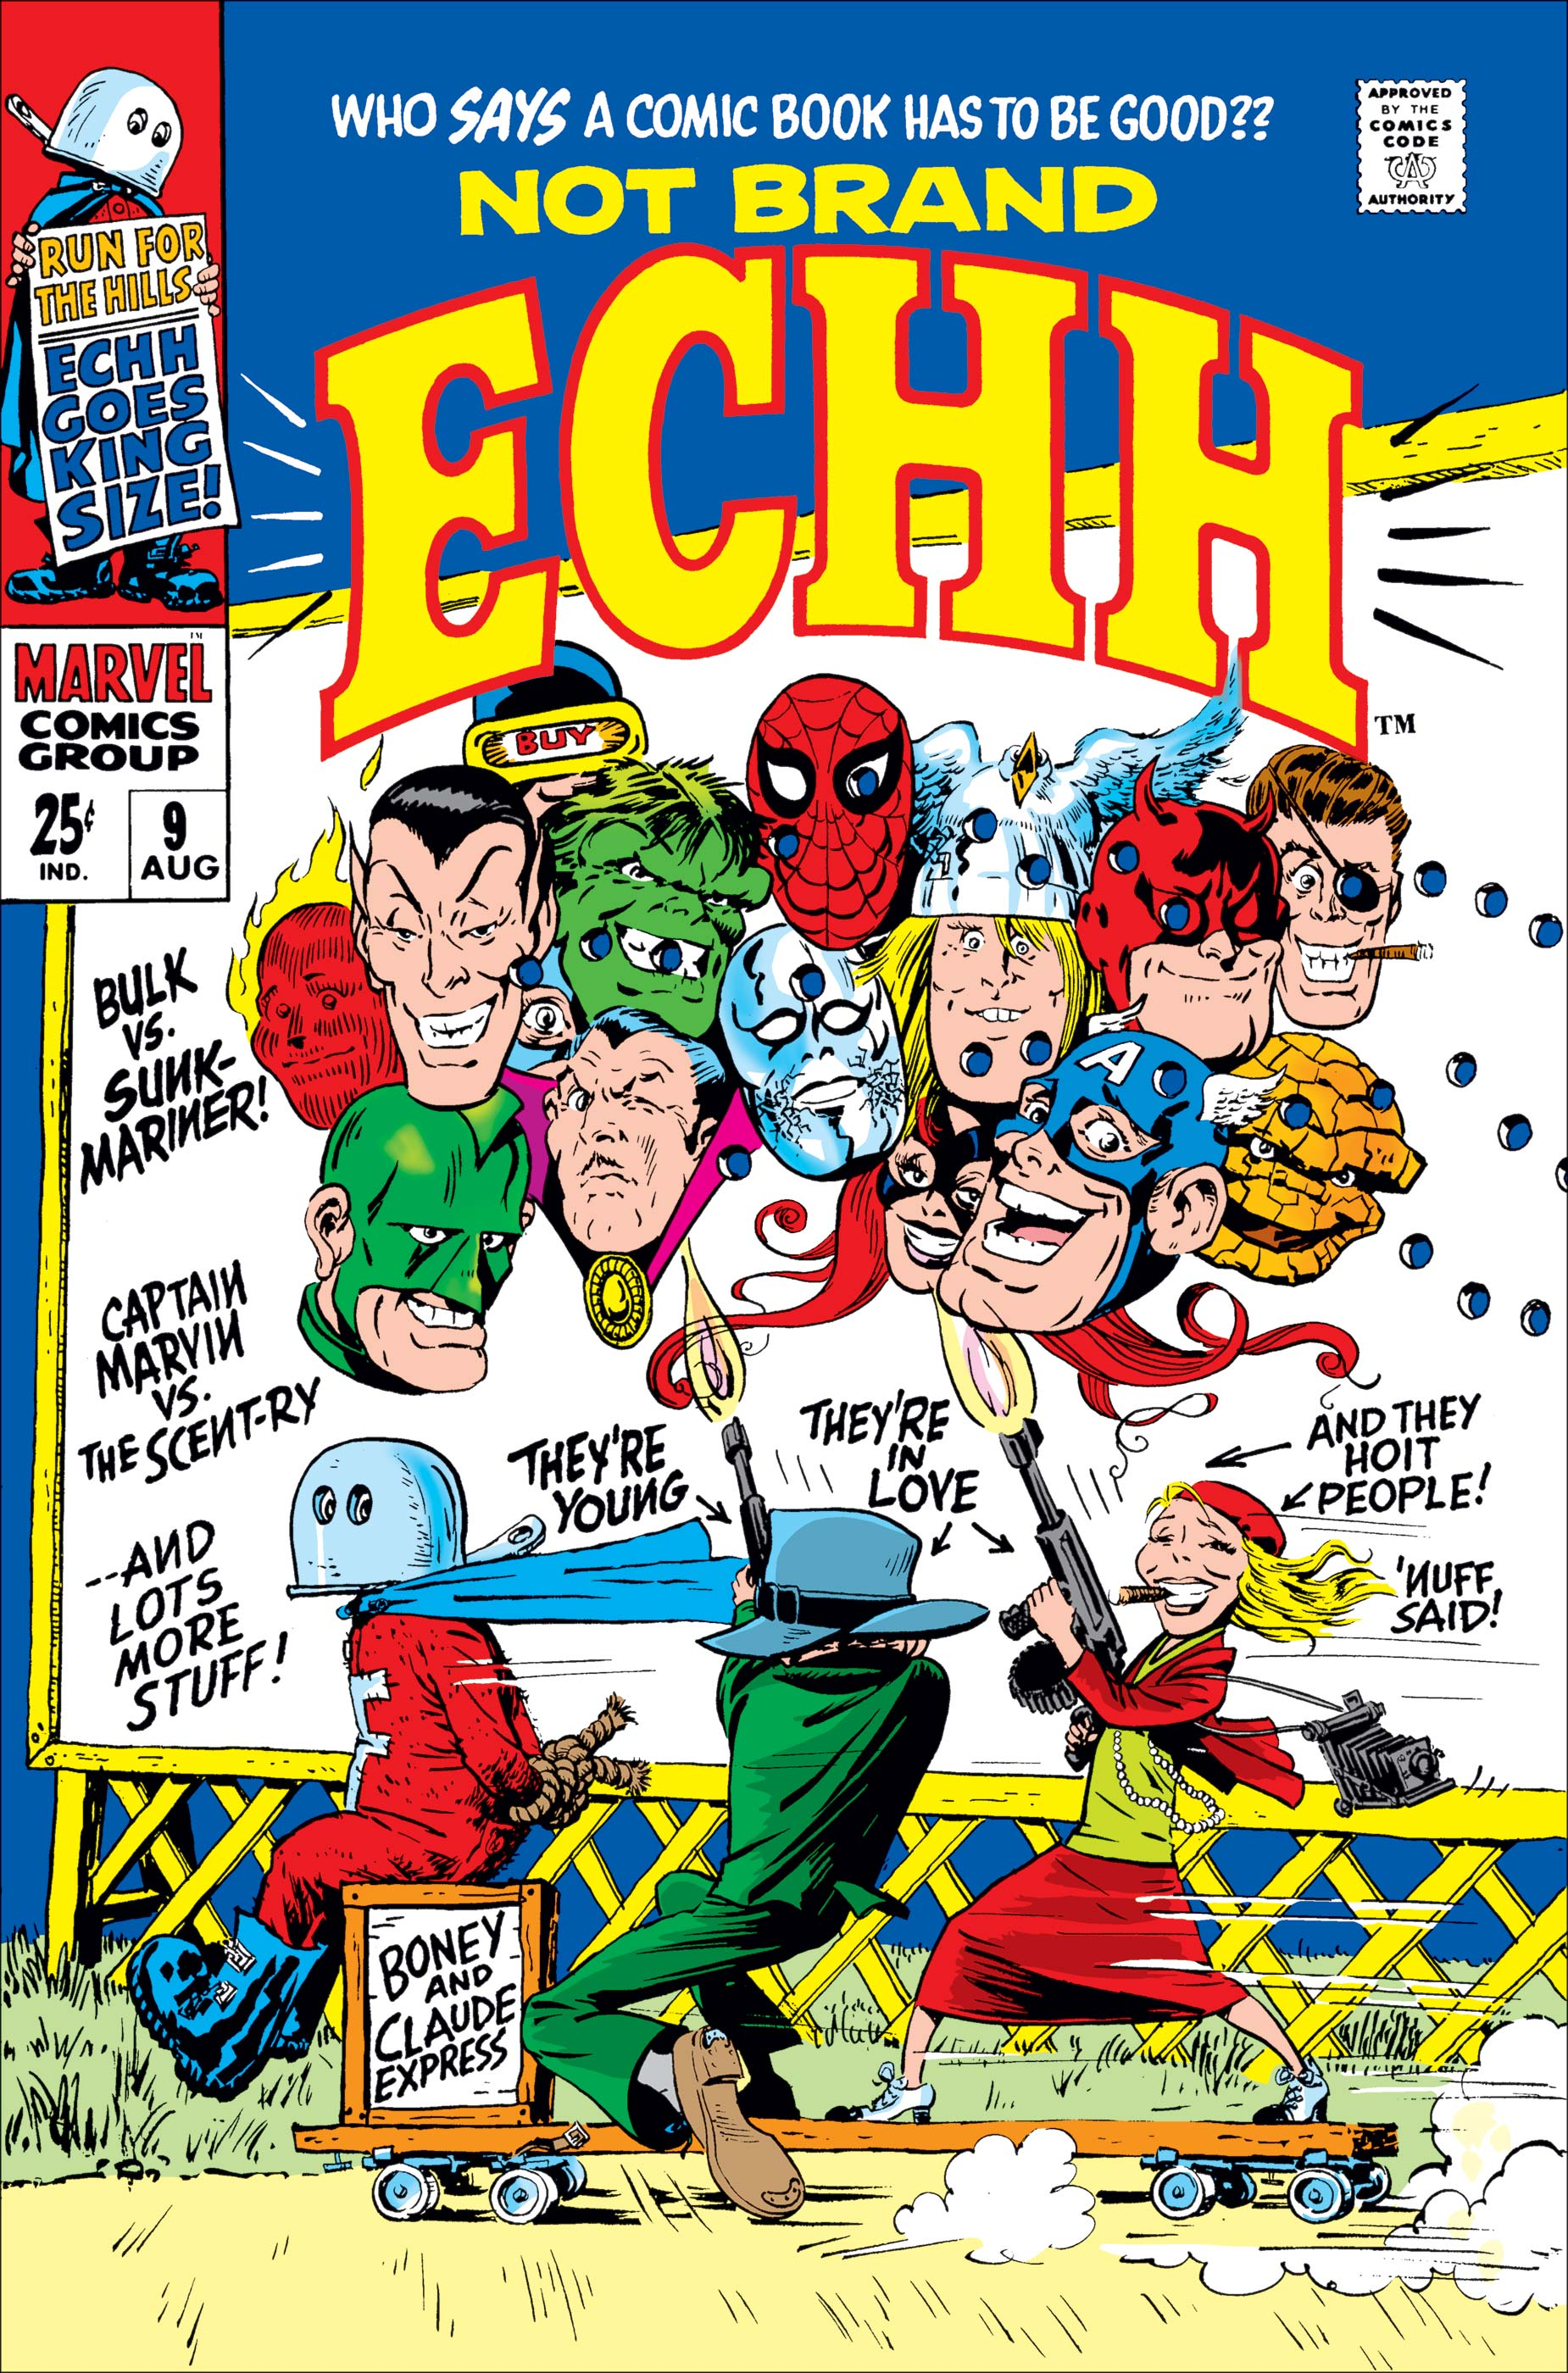 Not Brand Echh (1967) #9